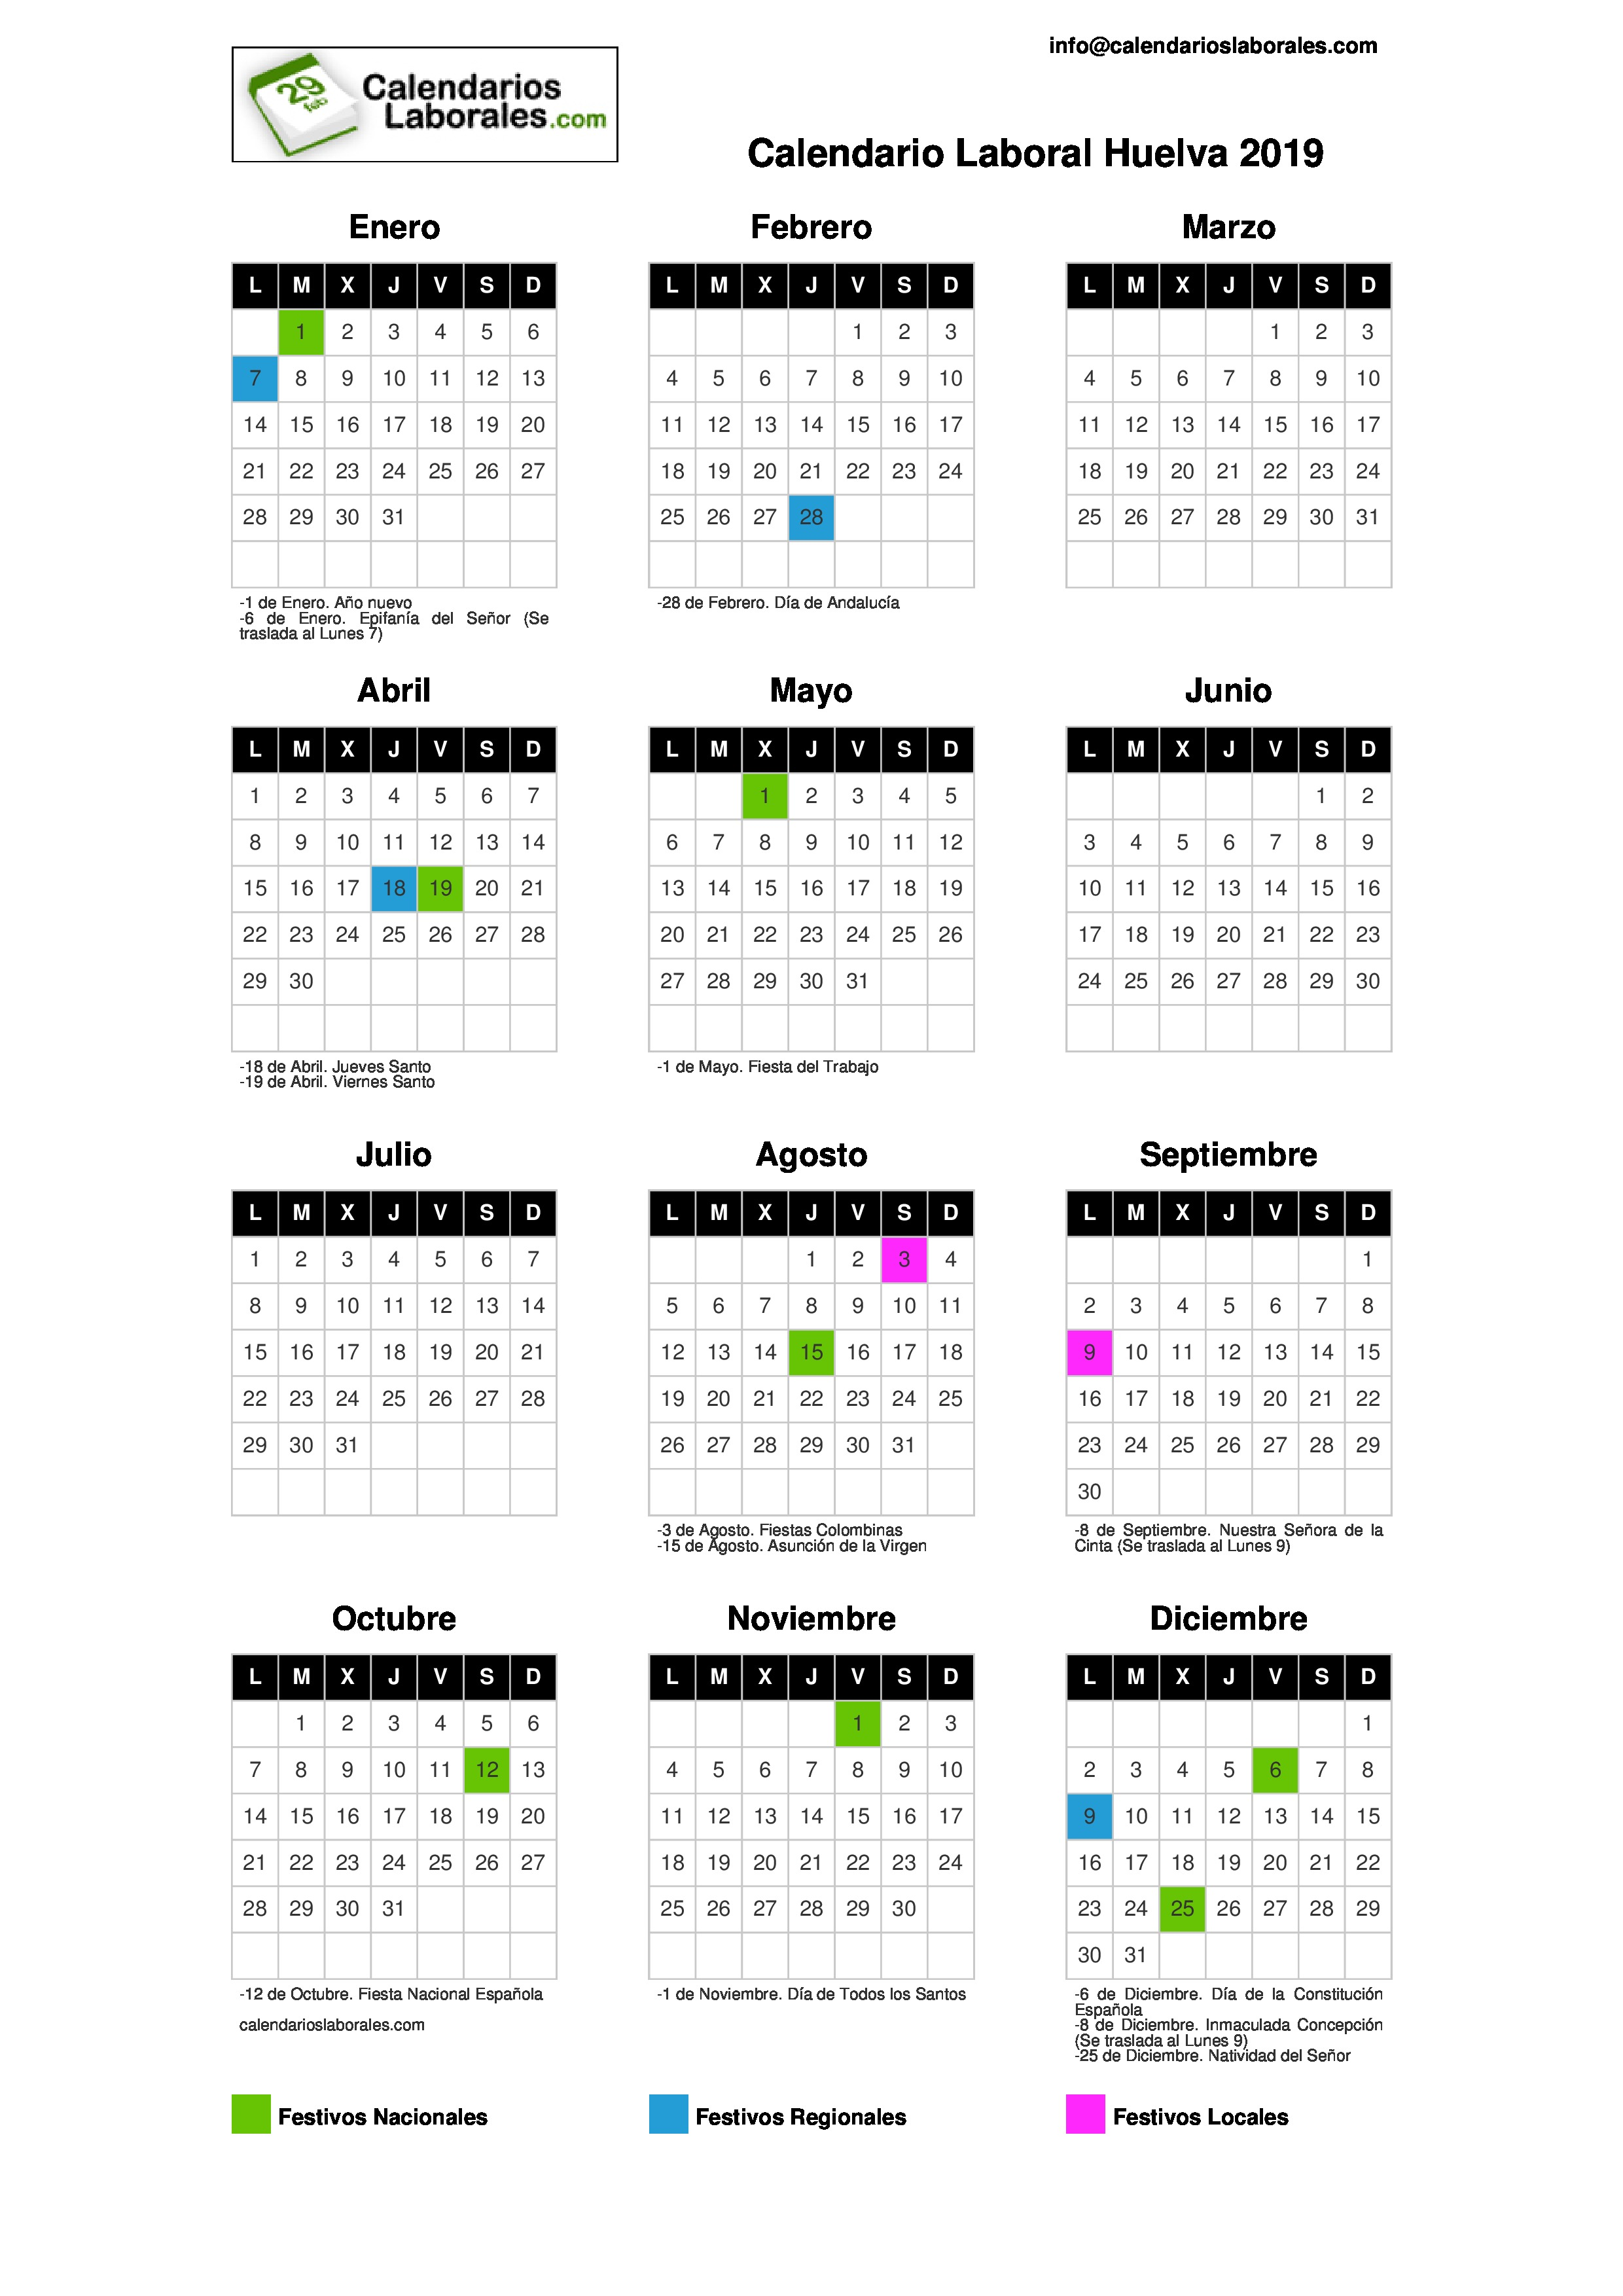 Calendario 2019 Y 2020 Con Festivos Para Colombia.Calendario Laboral Huelva 2019